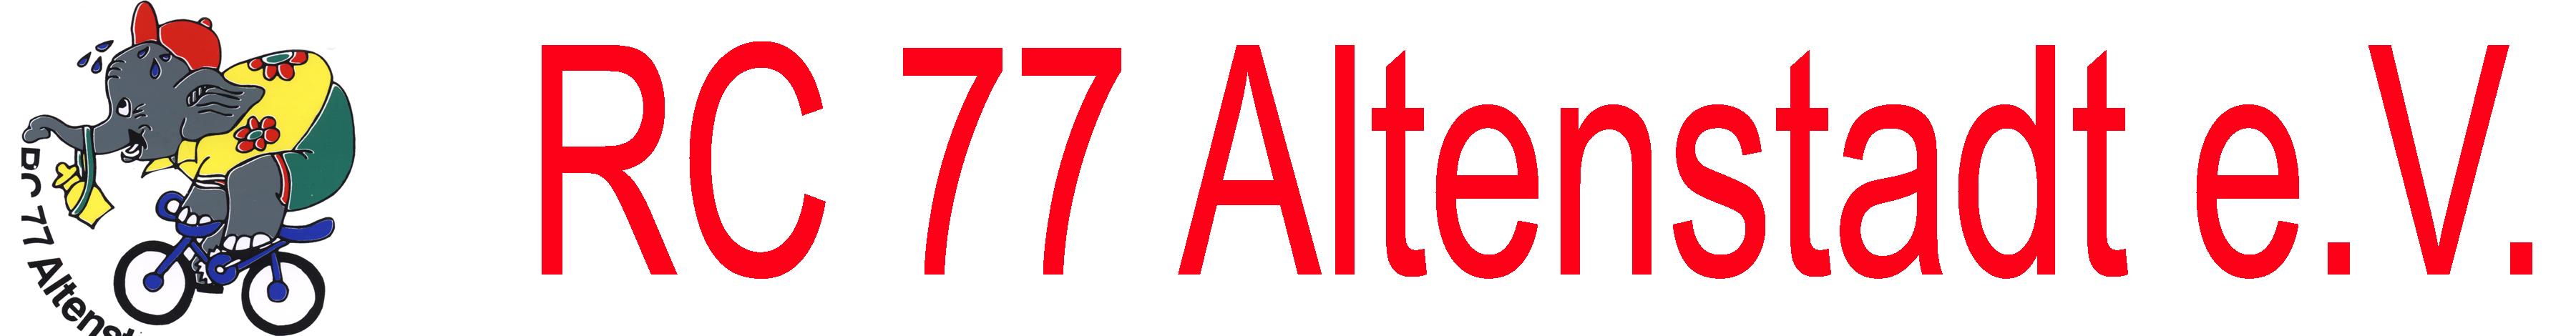 RC77 Altenstadt e.V.